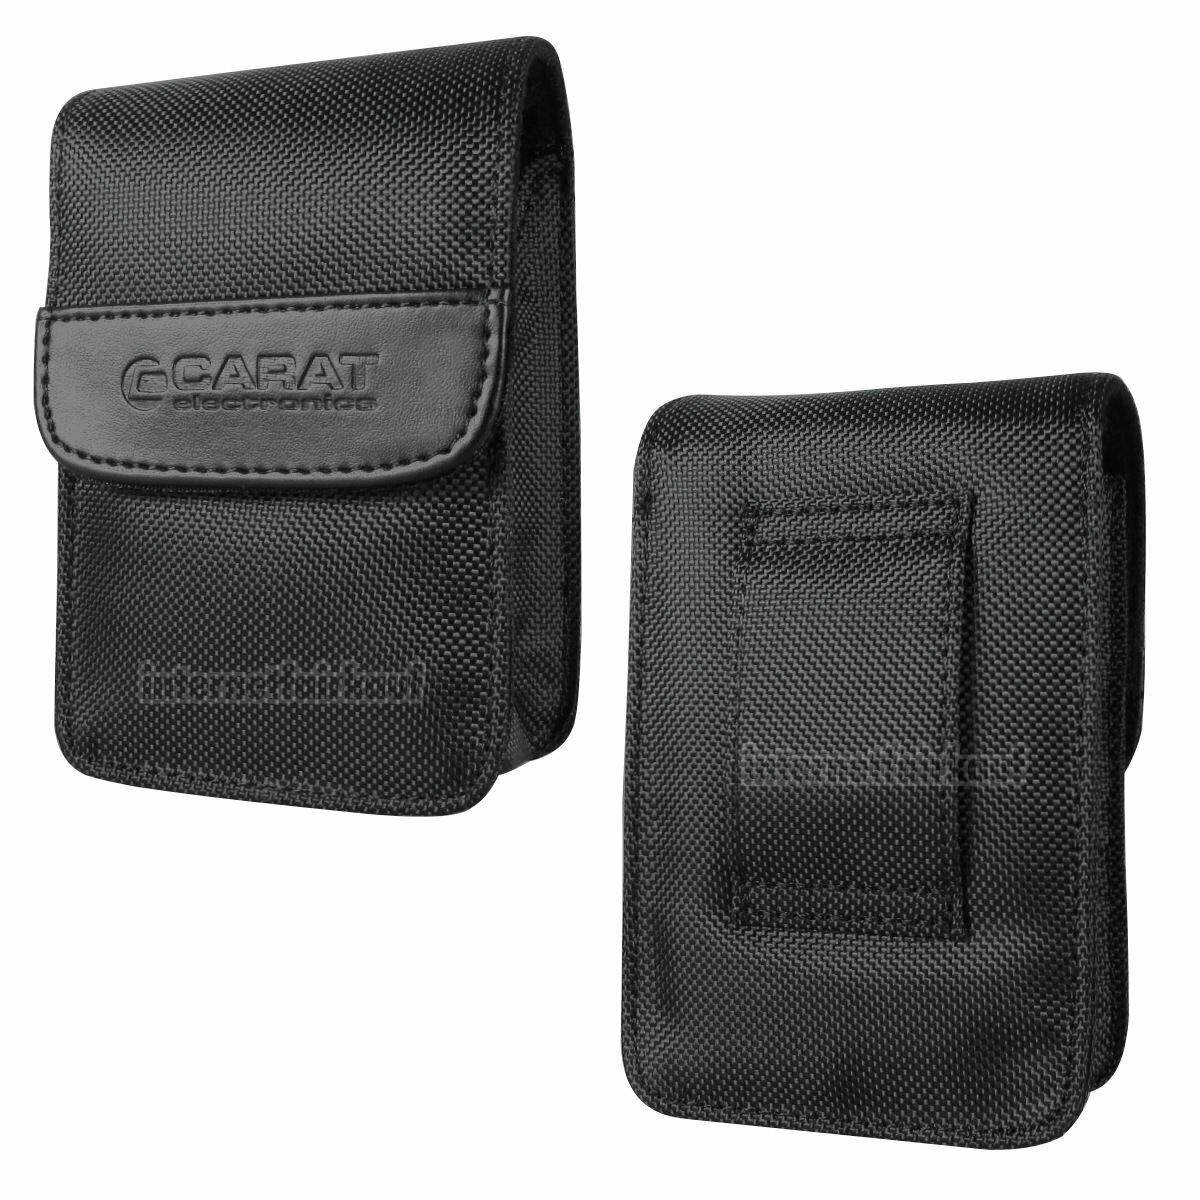 Tasche Kameratasche passend für Sony DSC-HX90 HX95 HX99 - Etui